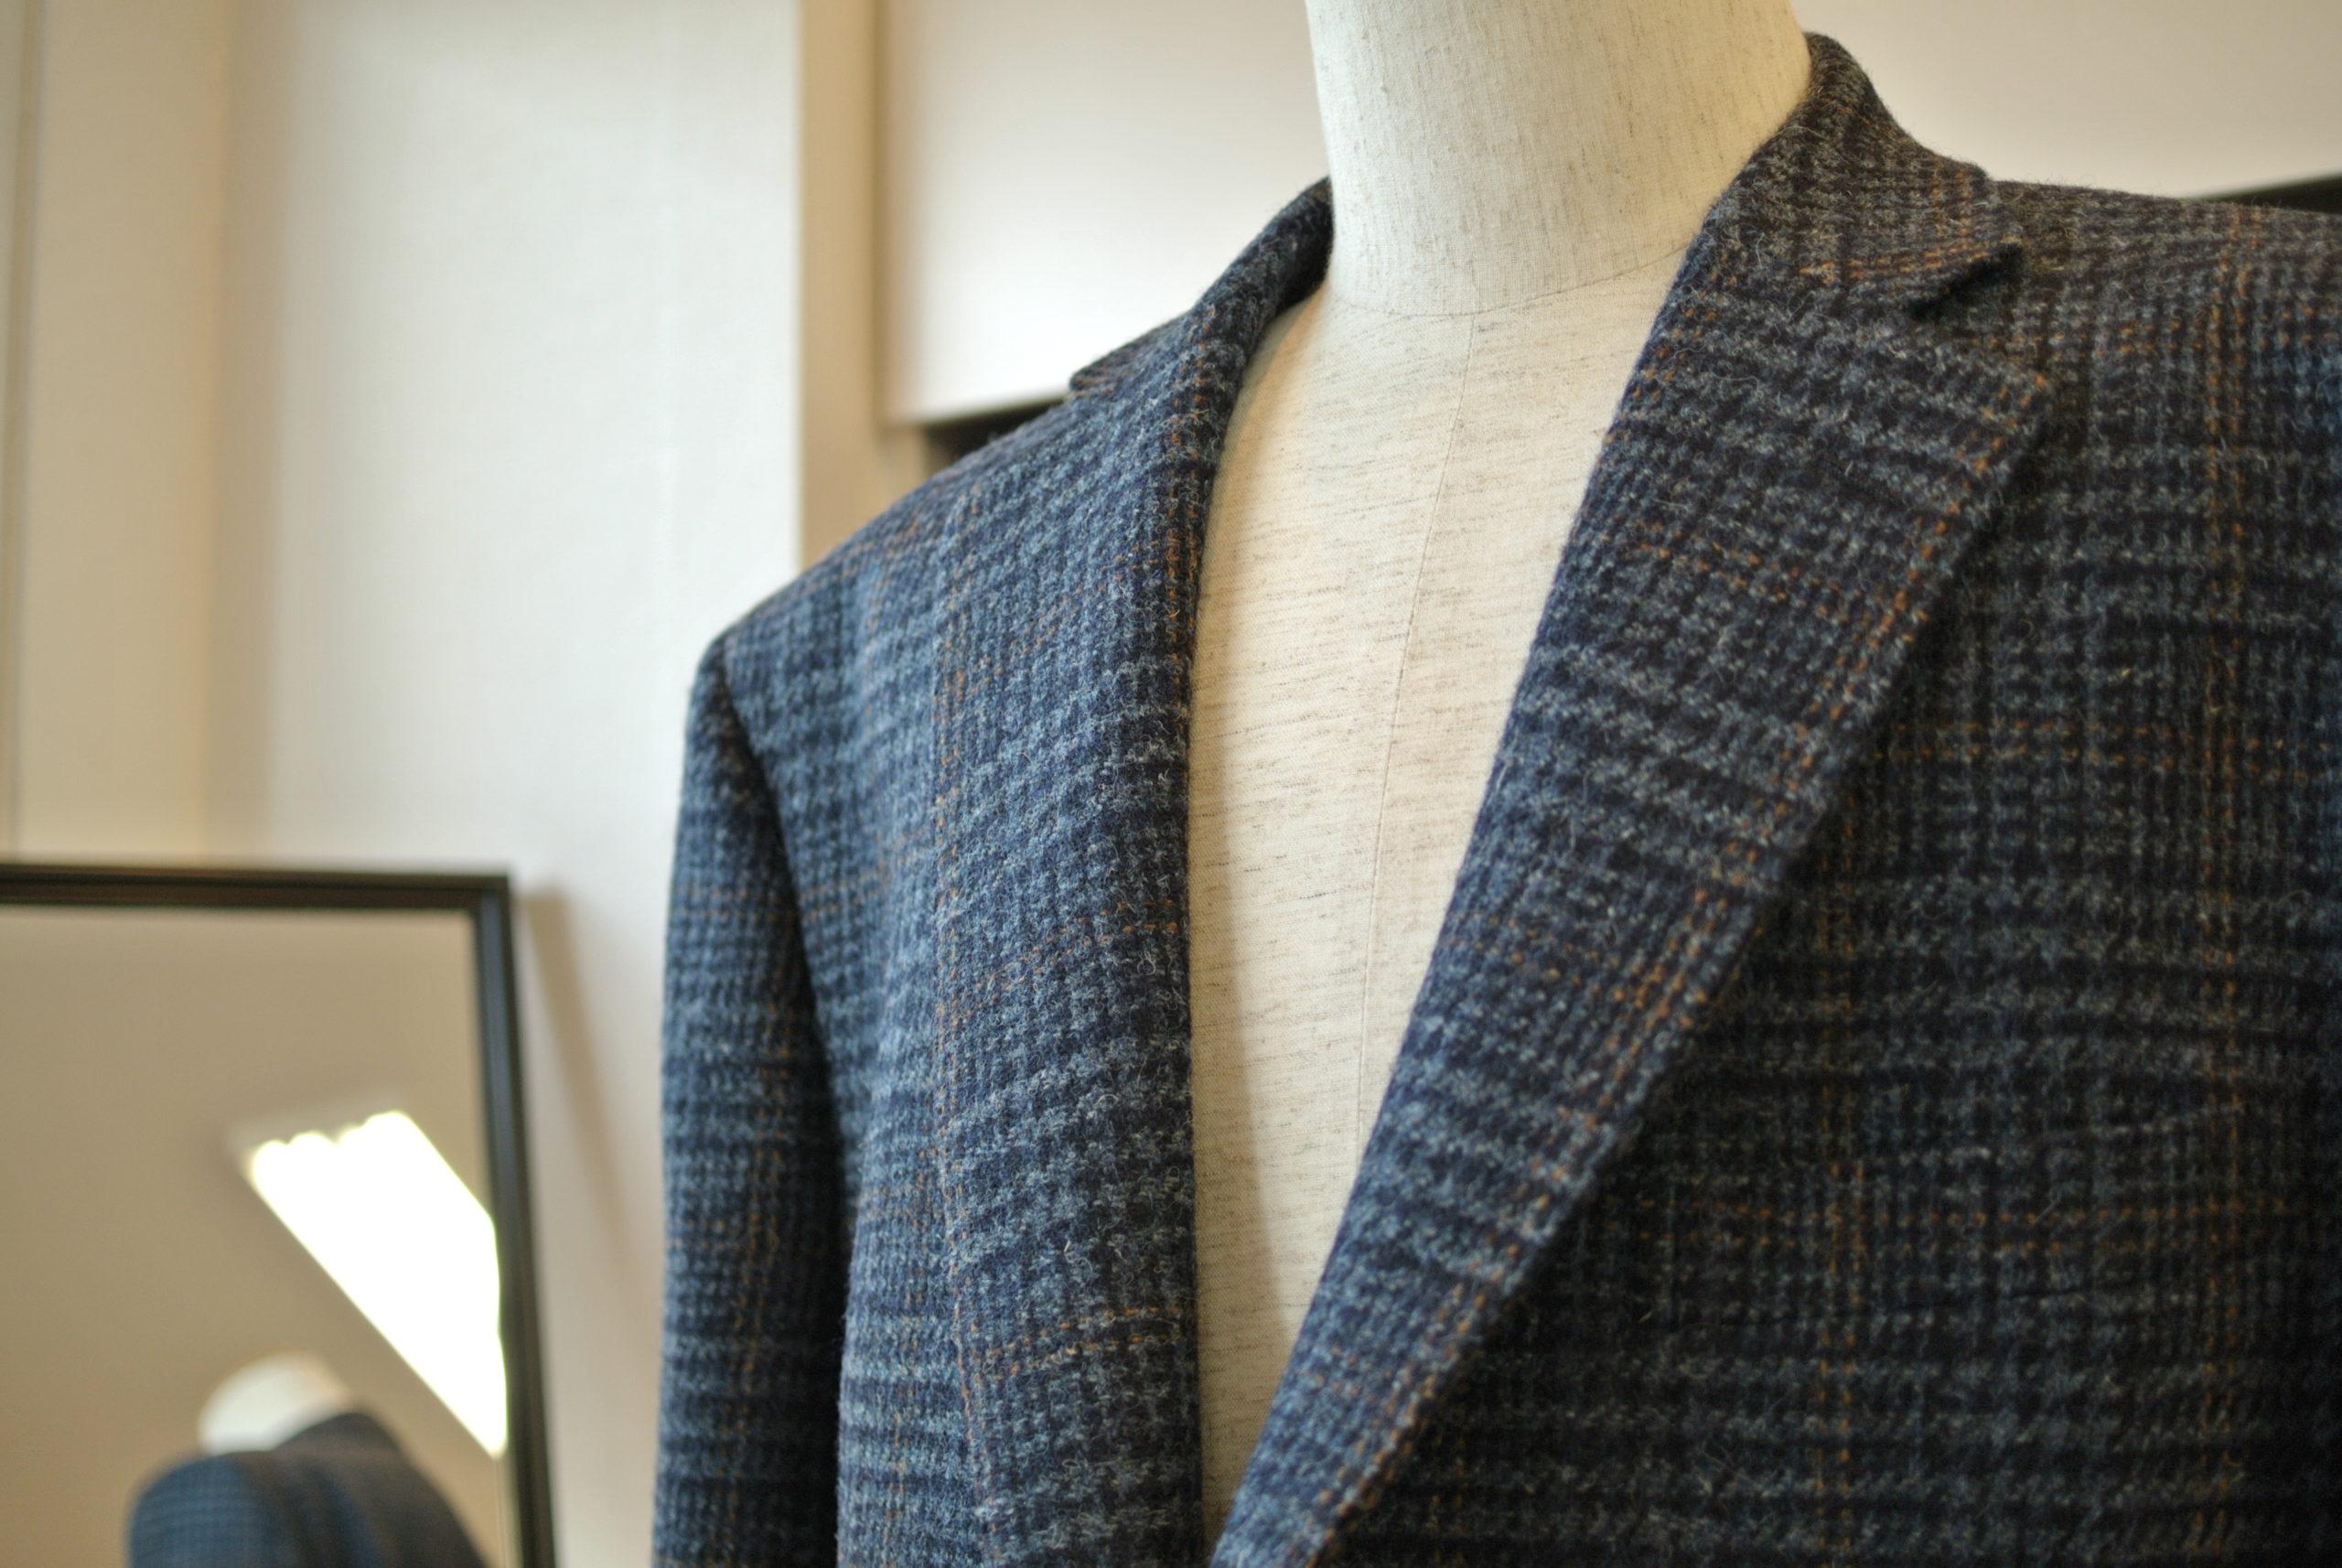 スコットランドが織りなす風合い新柄ハリスツイードのジャケットお仕立て オーダーサロン アスター 千葉・佐倉市うすい 八千代市・村上